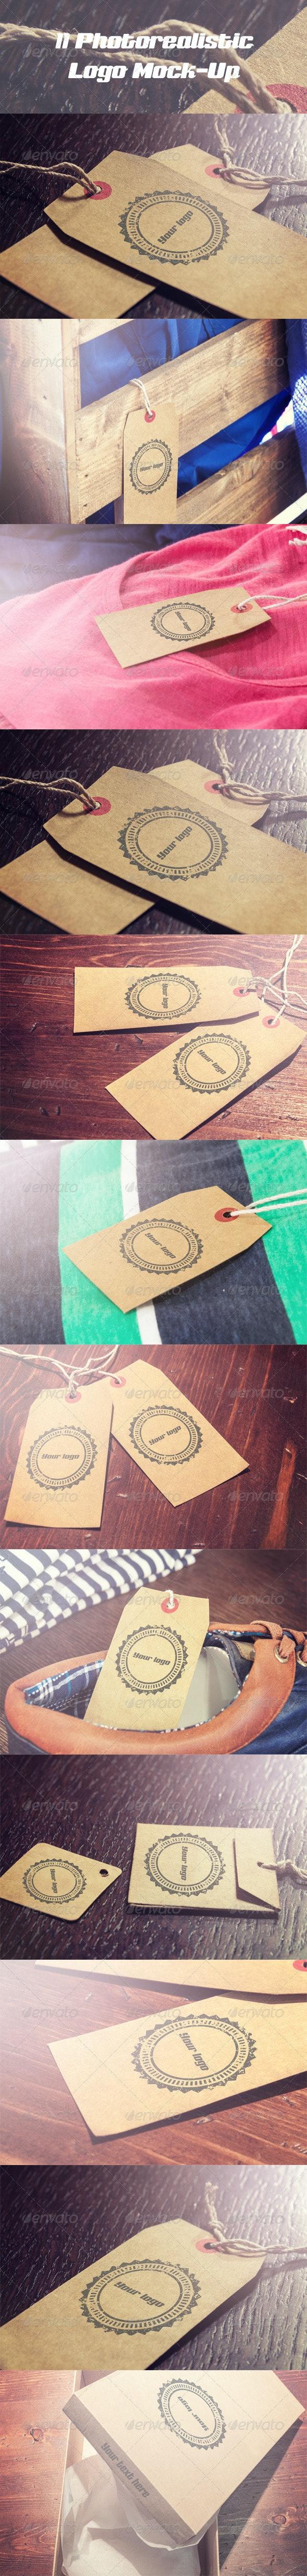 11 Photorealistic Logo Mock-Up - Logo Product Mock-Ups